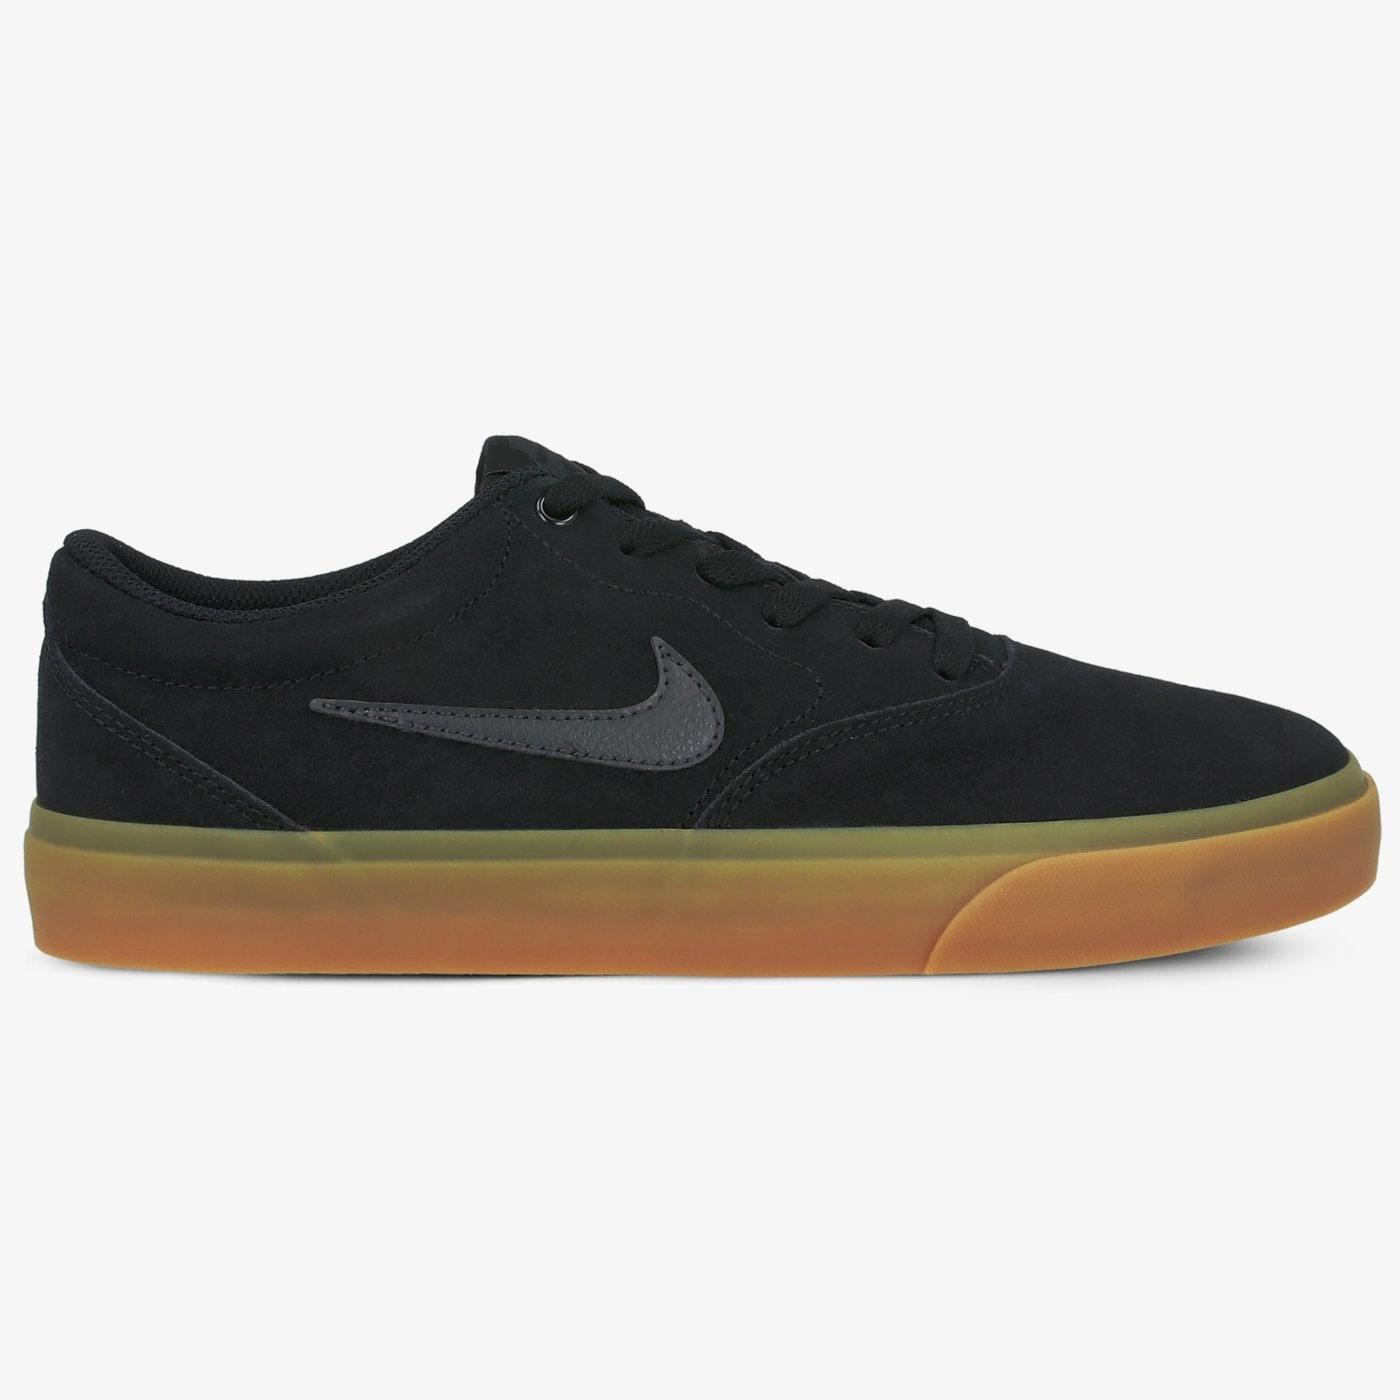 Nike obuv SB Charge Suede Skate black Velikost: 11